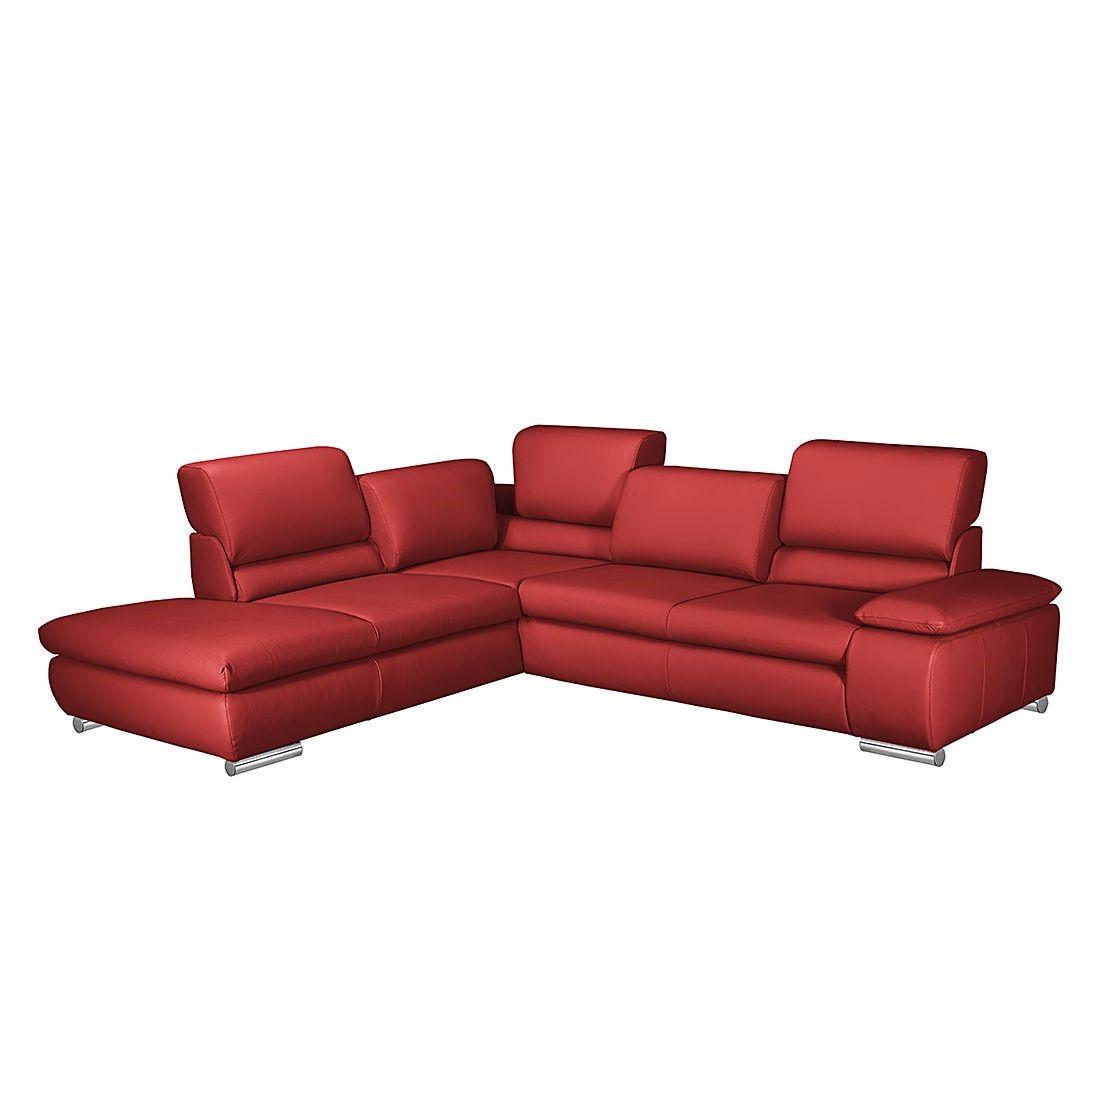 ecksofas eckcouches online kaufen m bel suchmaschine. Black Bedroom Furniture Sets. Home Design Ideas